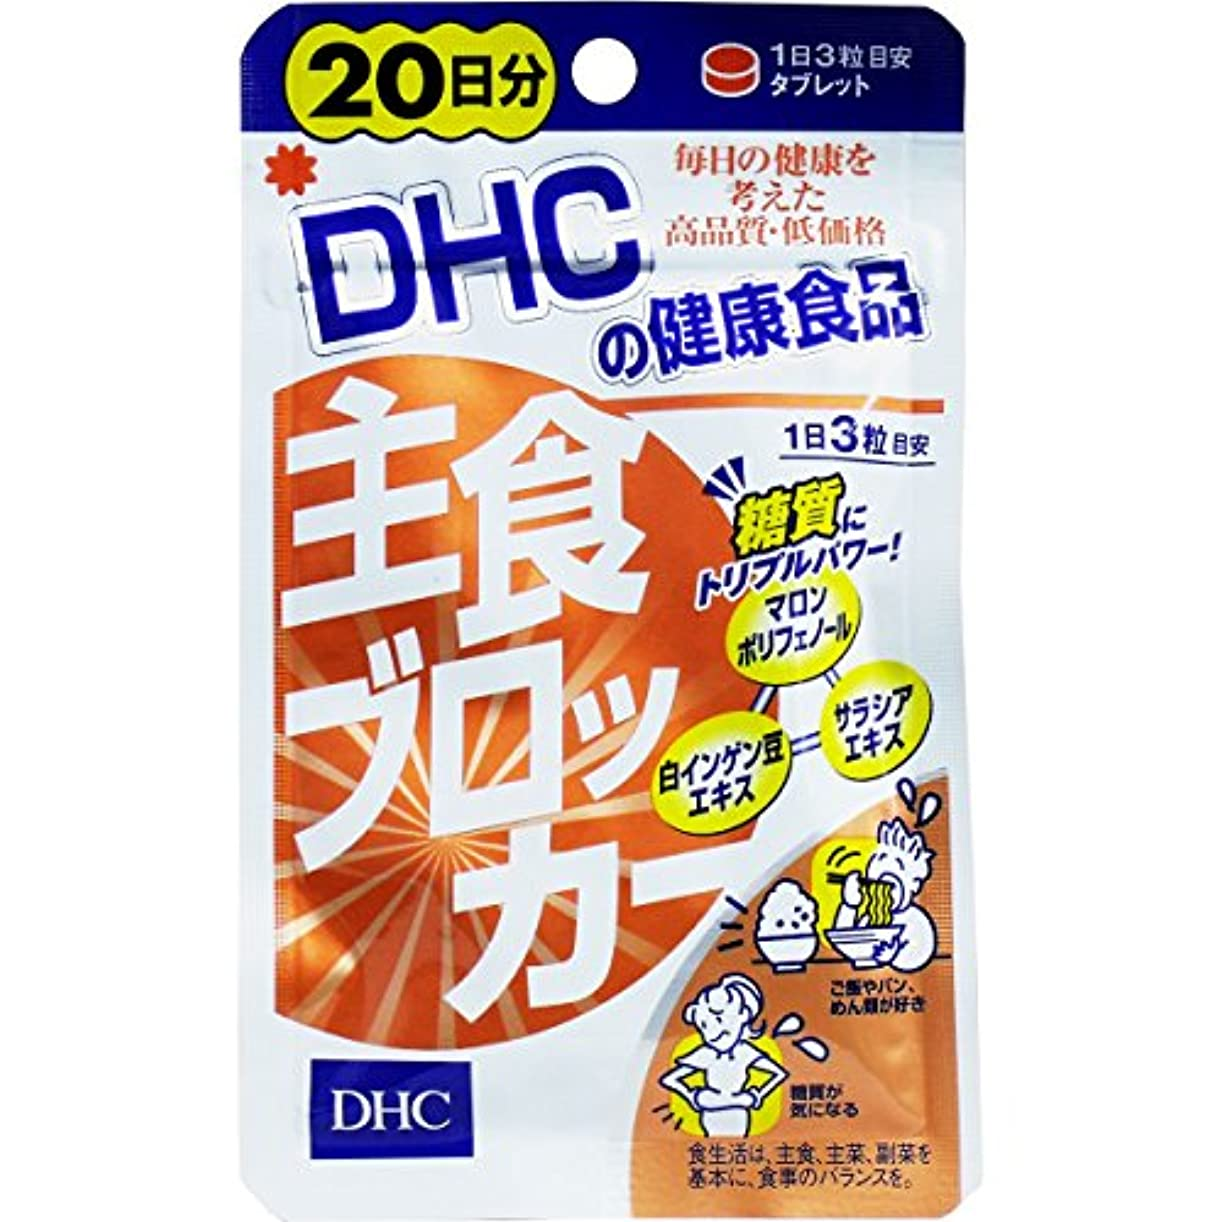 コメンテーターお酒義務づけるダイエット トリプルパワーでため込み対策 栄養機能食品 DHC 主食ブロッカー 20日分 60粒入【4個セット】